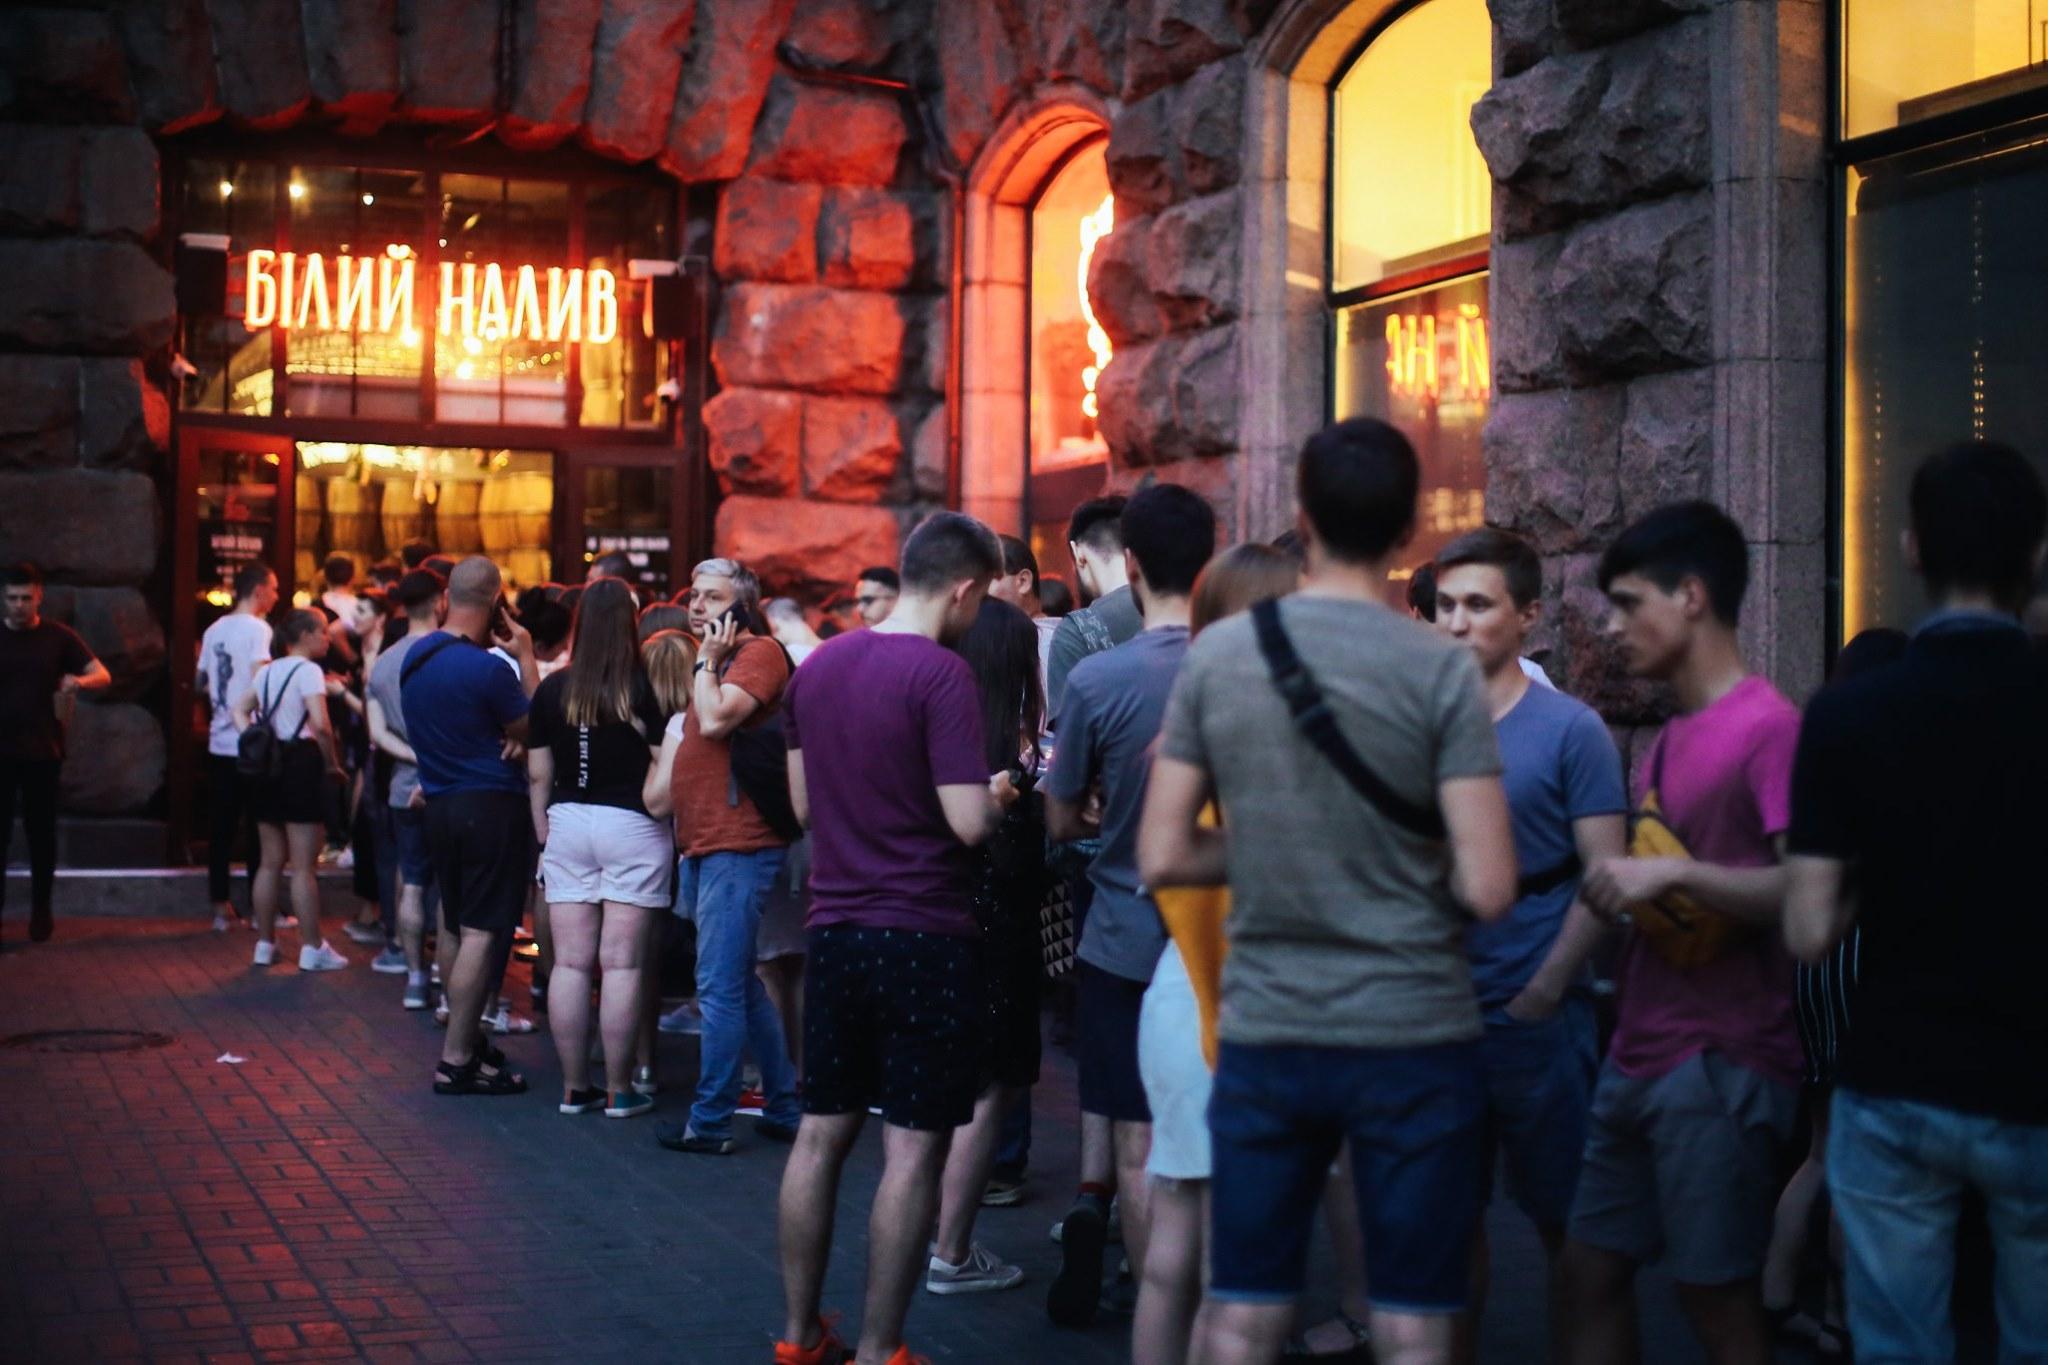 Черга як у Борисова: як відкрити ресторан з високою відвідуваністю (ВІДЕО)